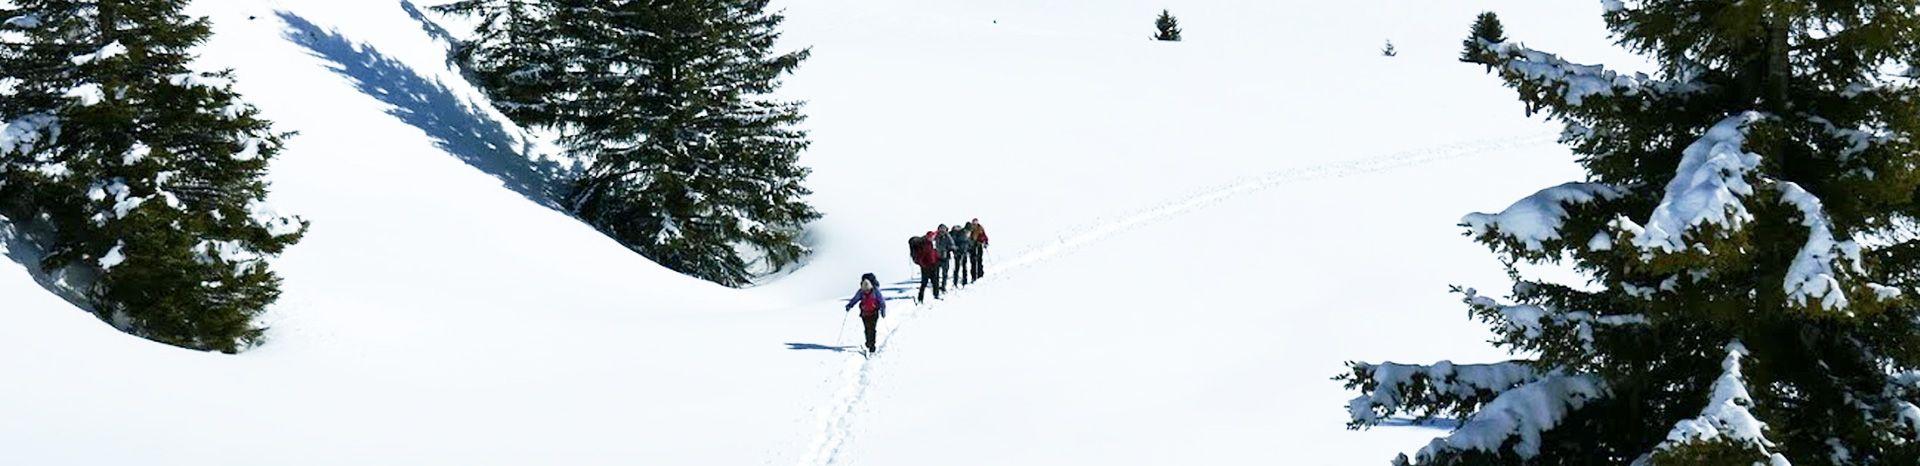 Personnes randonnant en raquettes dans la neige